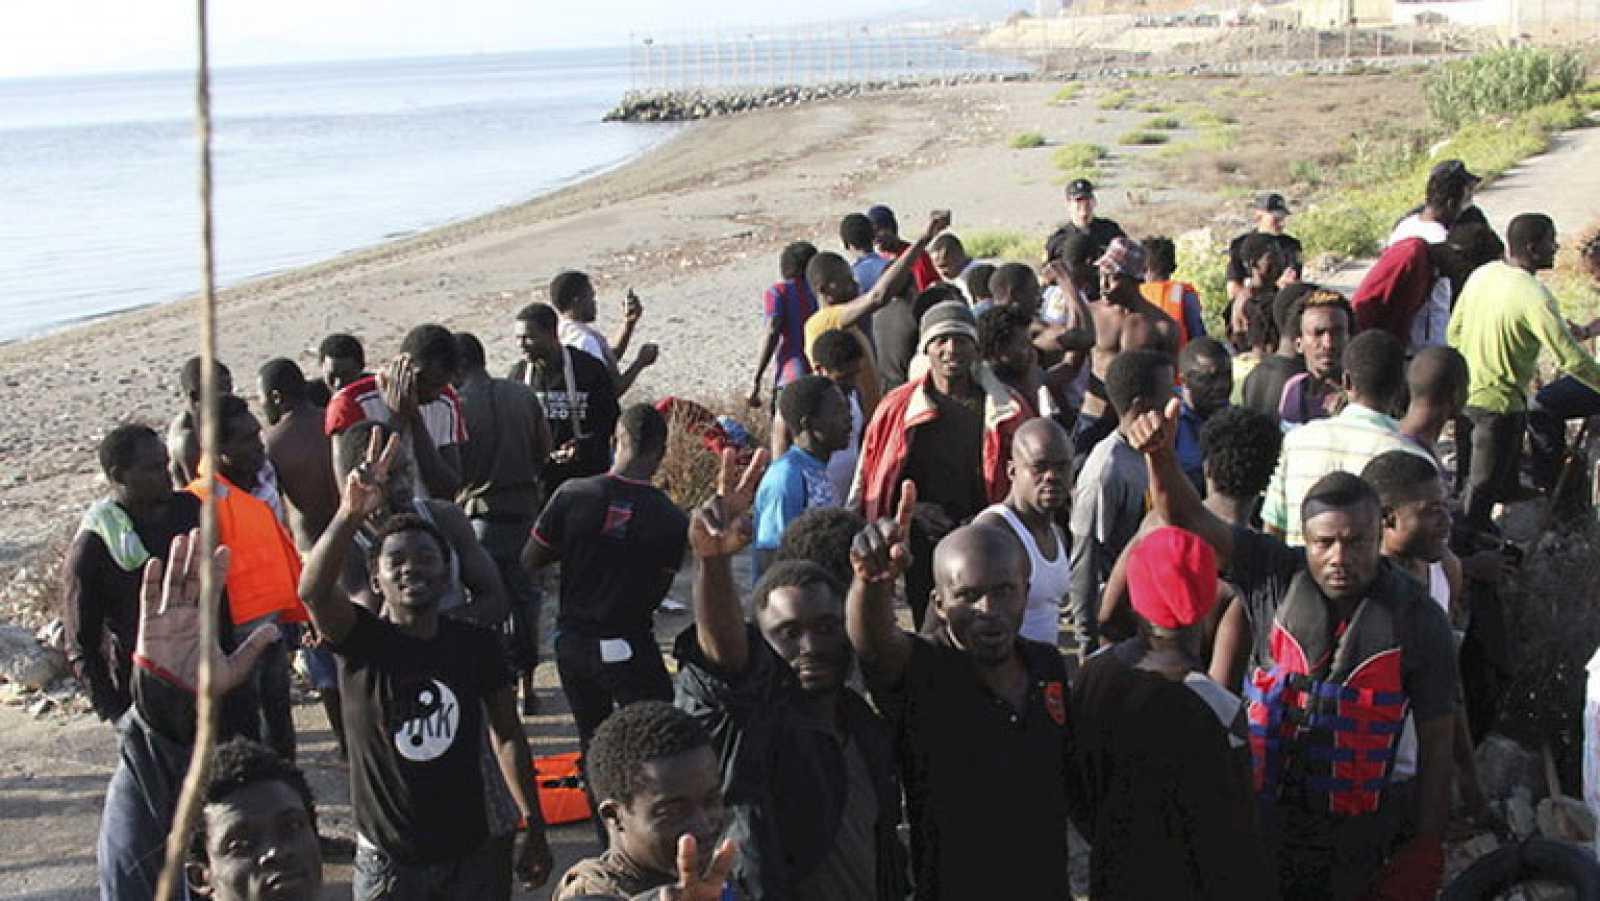 Segunda llegada masiva de inmigrantes de este mes, a Ceuta